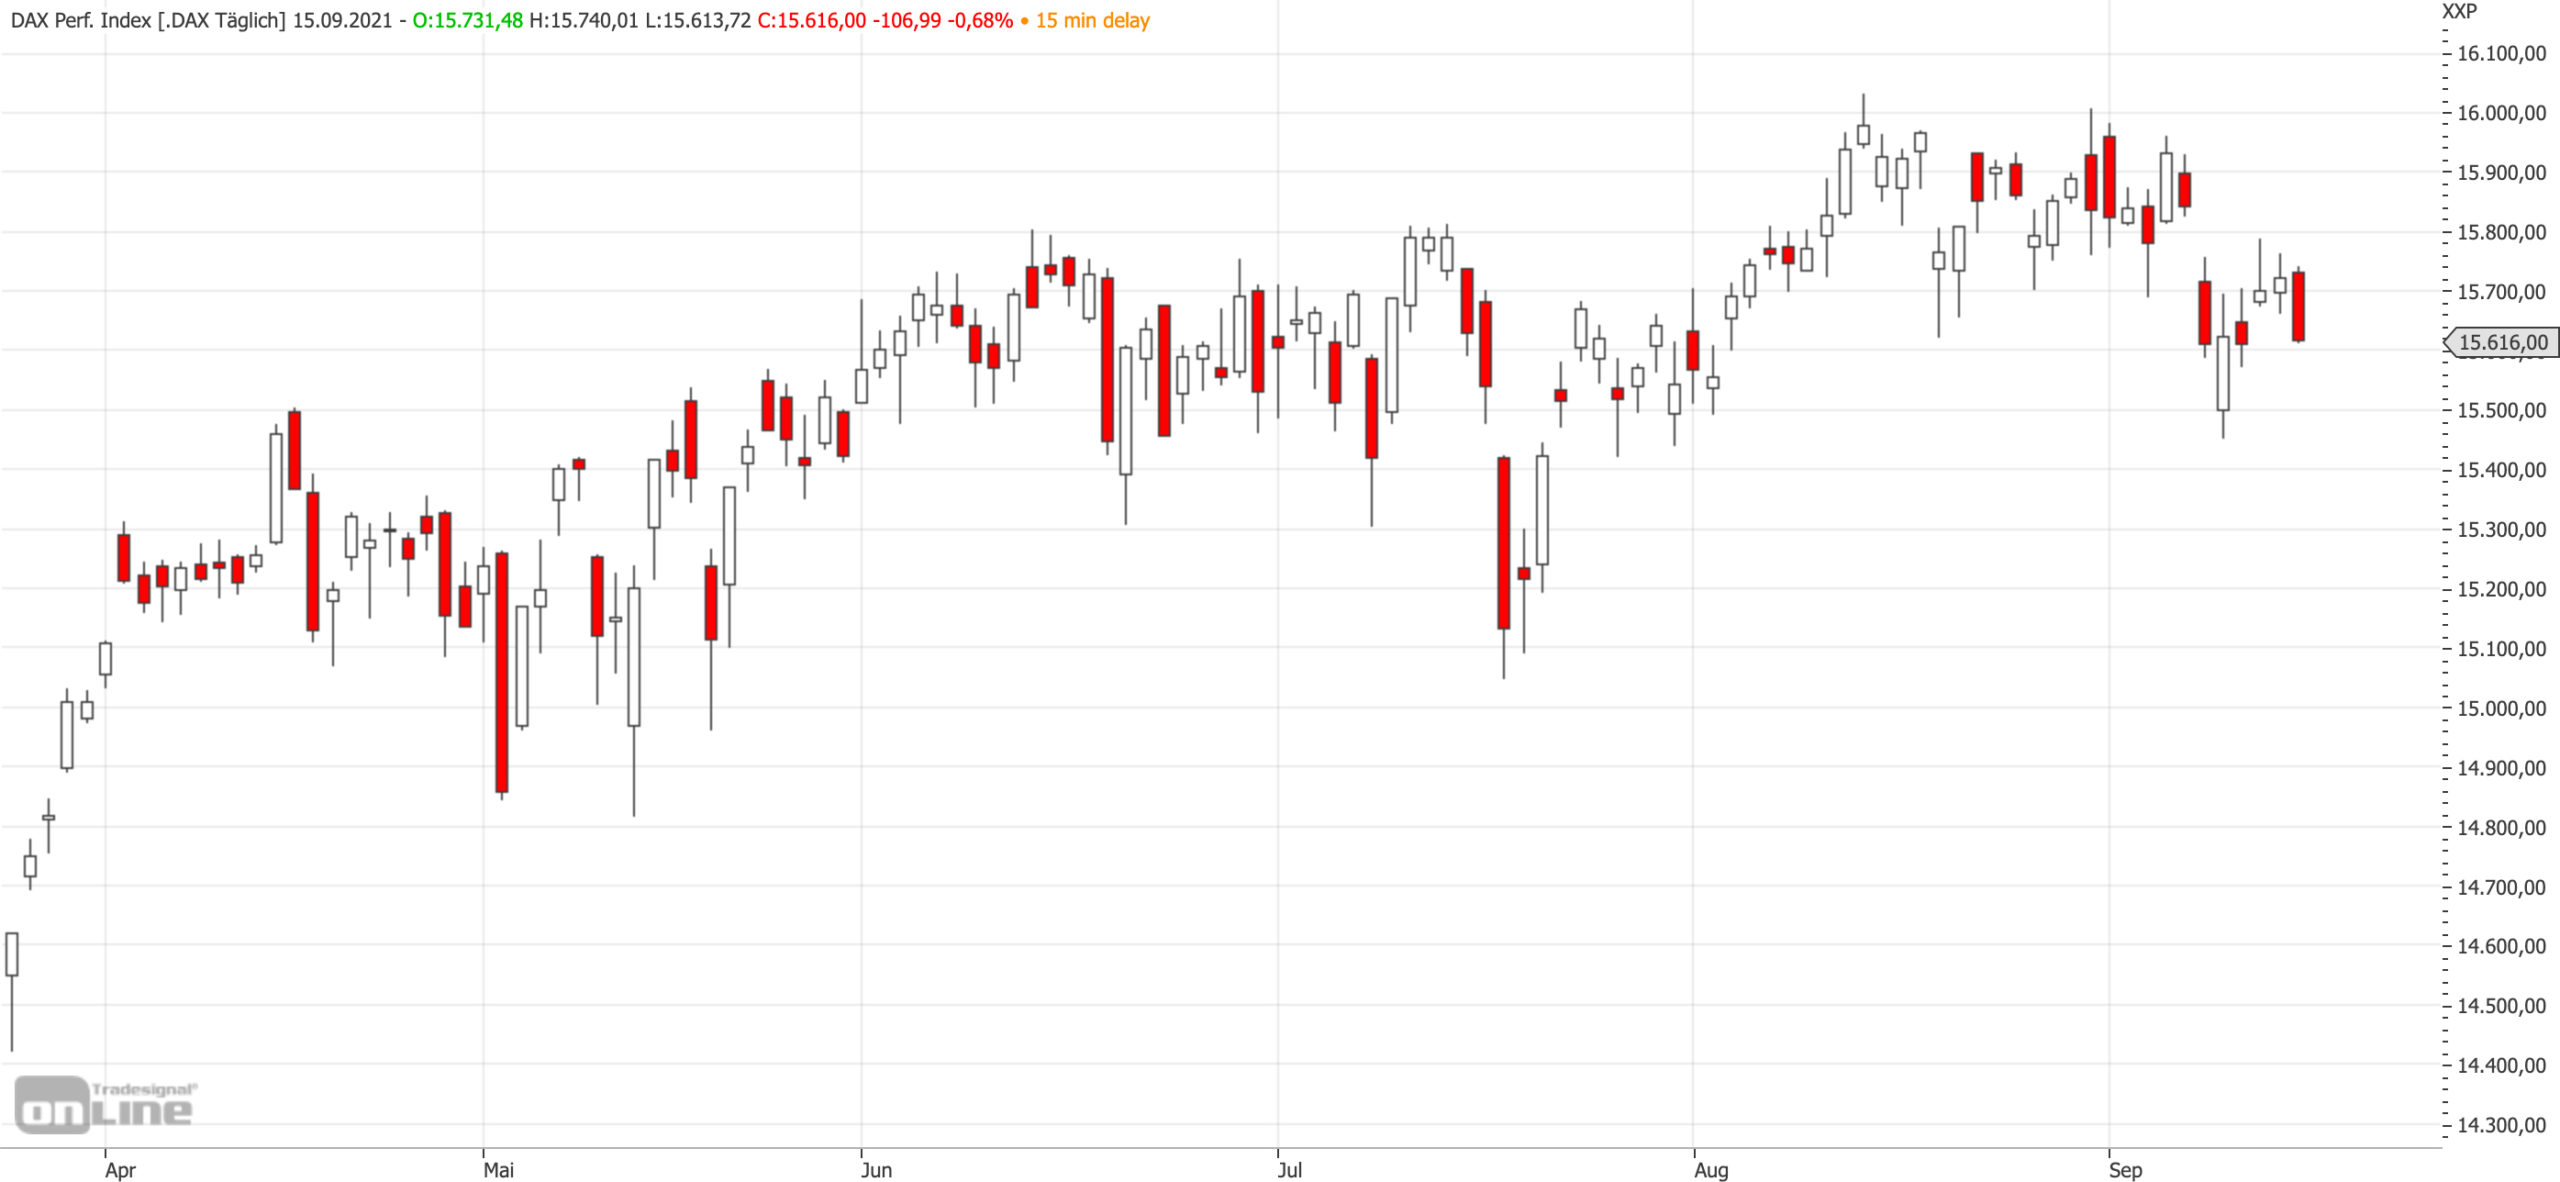 Mittelfristiger DAX-Chart bis zum 15.09.2021